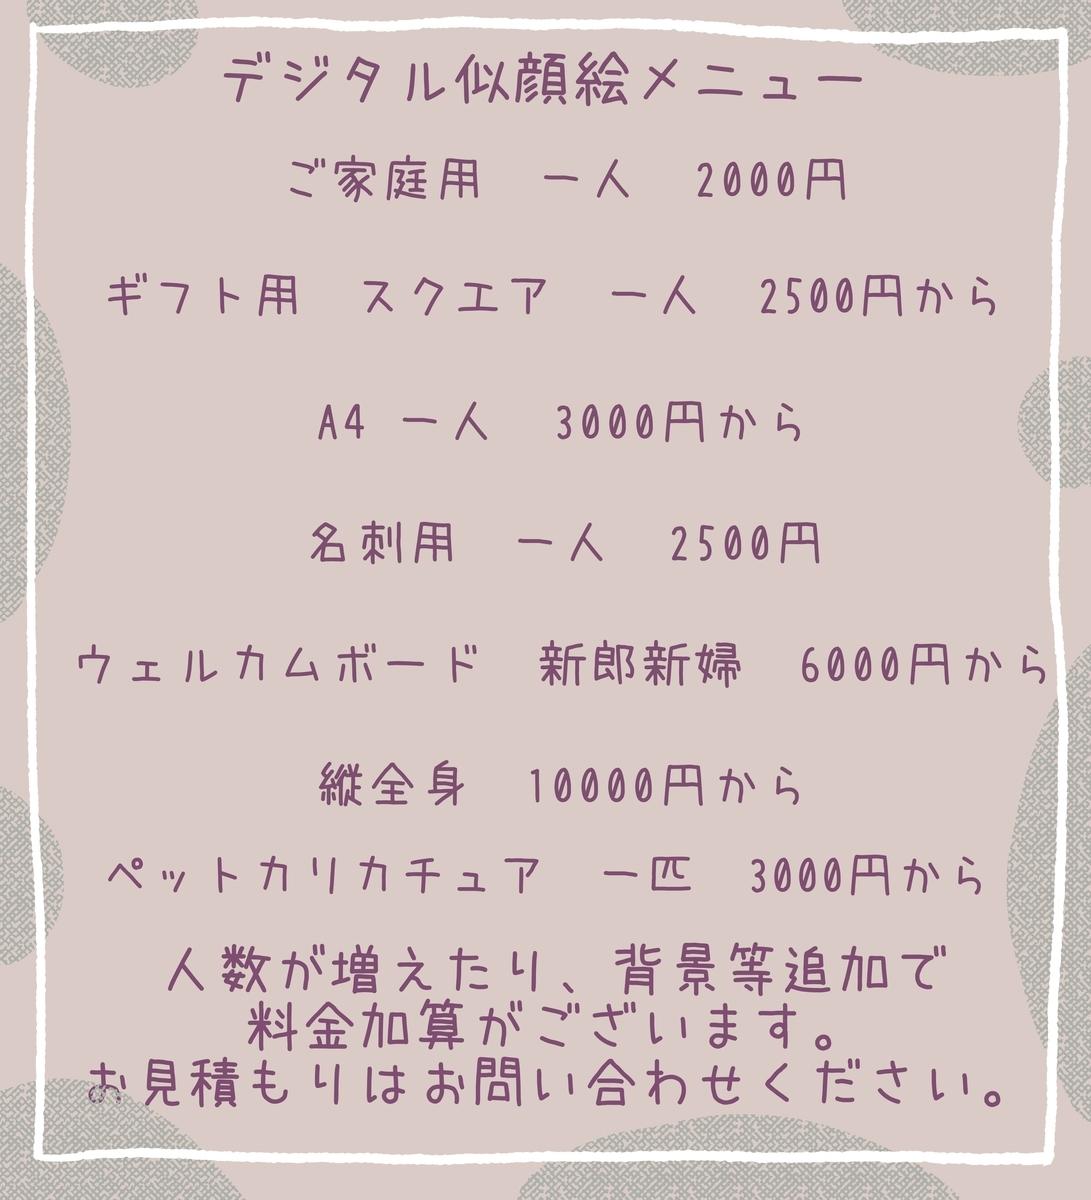 デジタル似顔絵メニュー北海道札幌の似顔絵作家高井じゅり 似顔絵ファクトリー